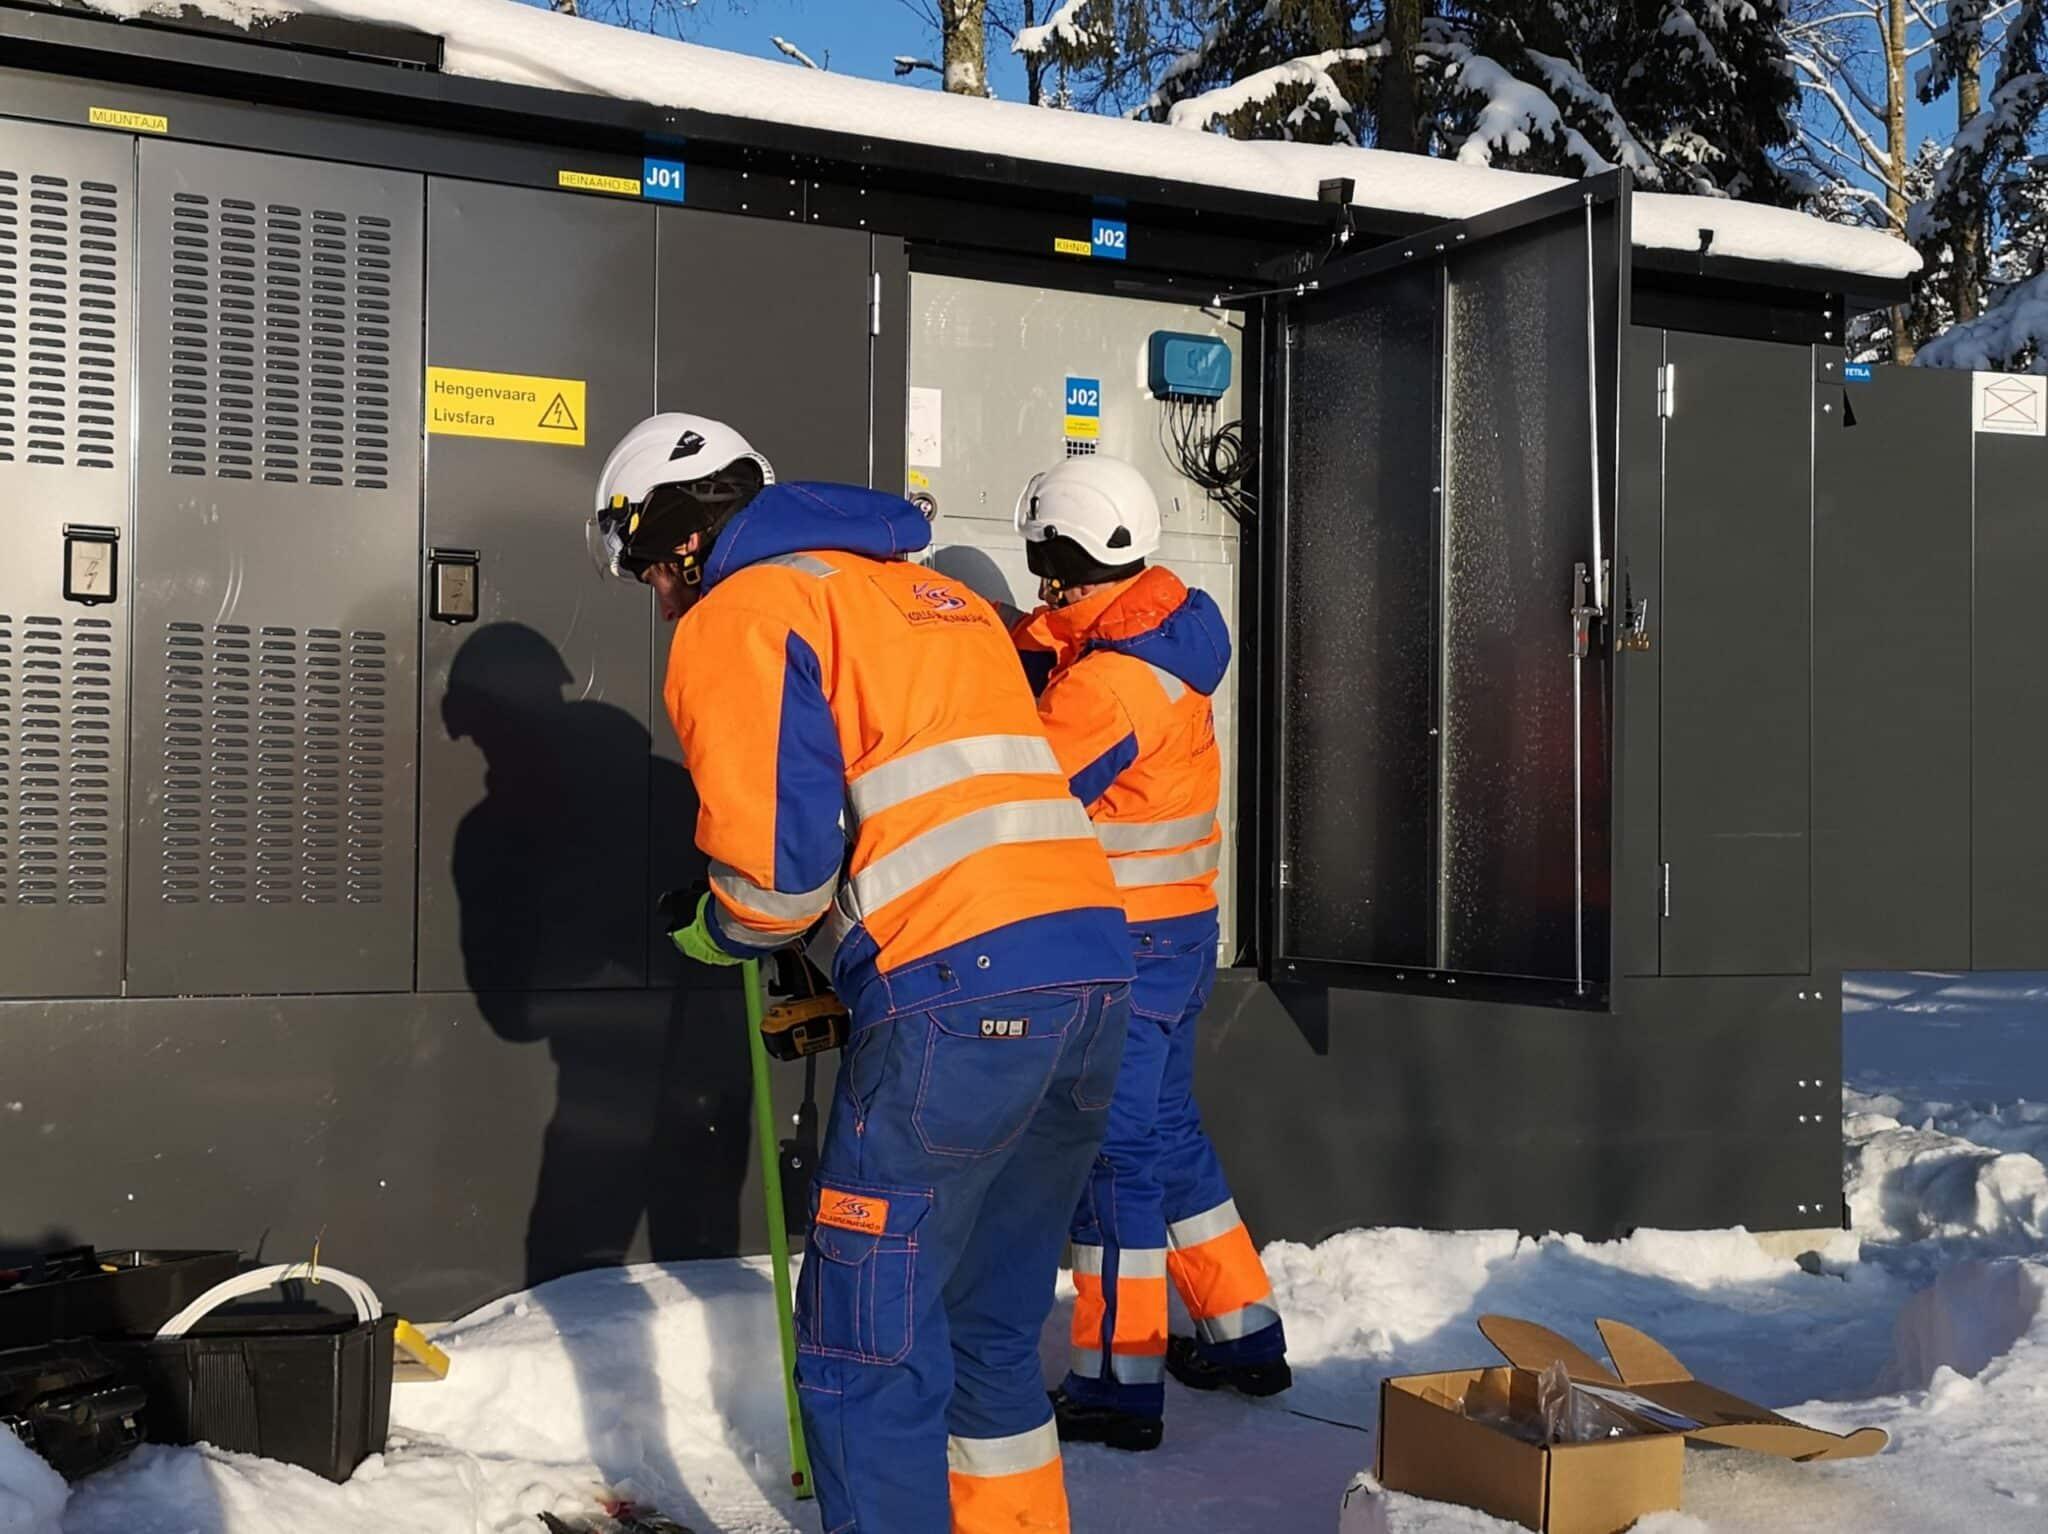 Koillis-Satakunnan Sähkö improves its weather resilience with Safegrid's IGS solution